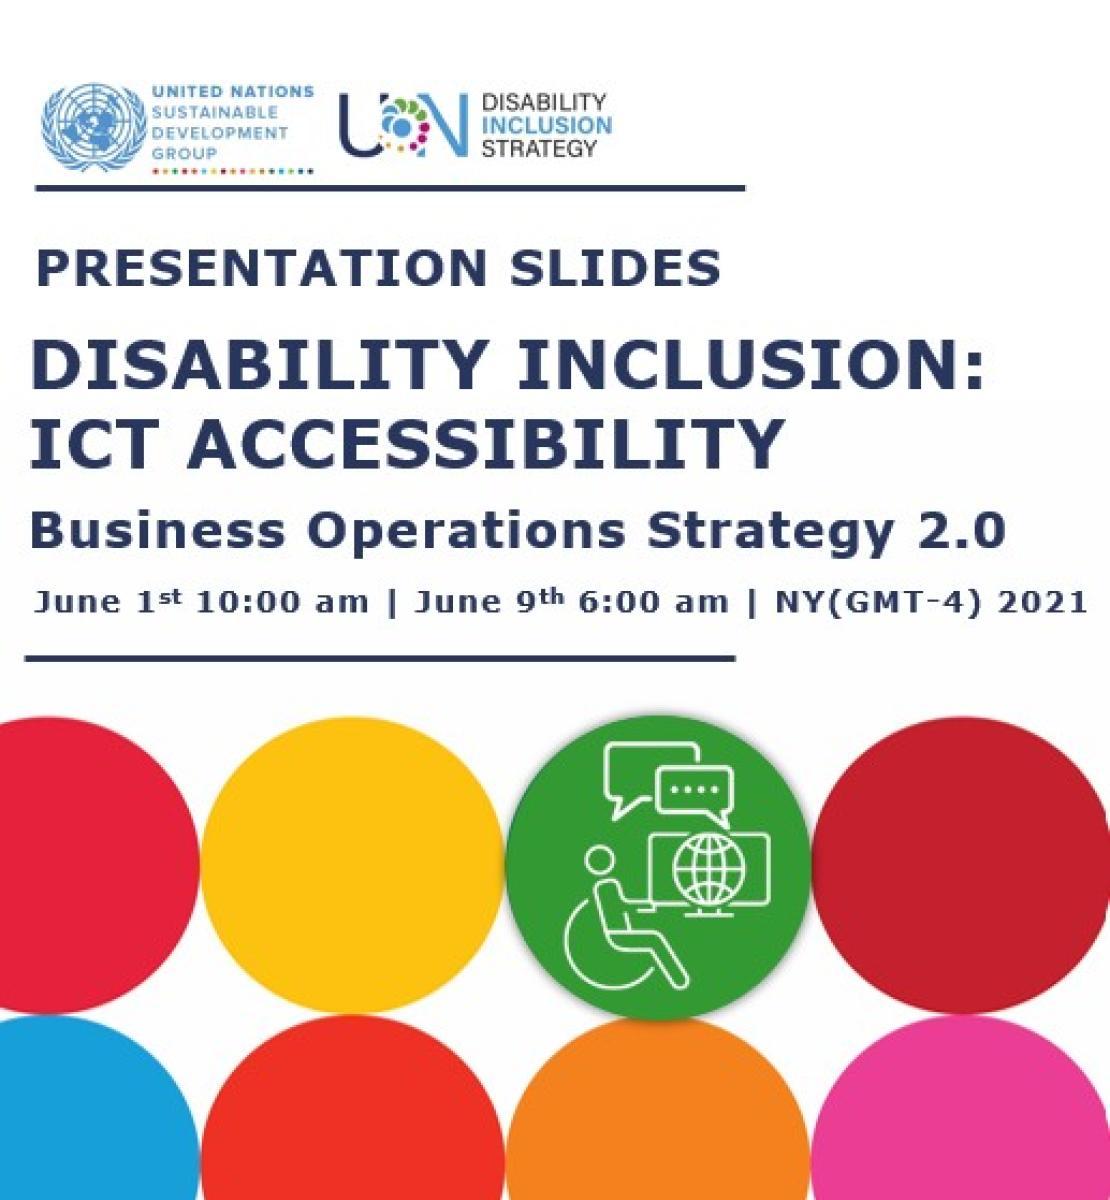 简报文件封面上有可持续发展目标圆圈,以及一个使用轮椅、通过电脑在线聊天的人的图标。